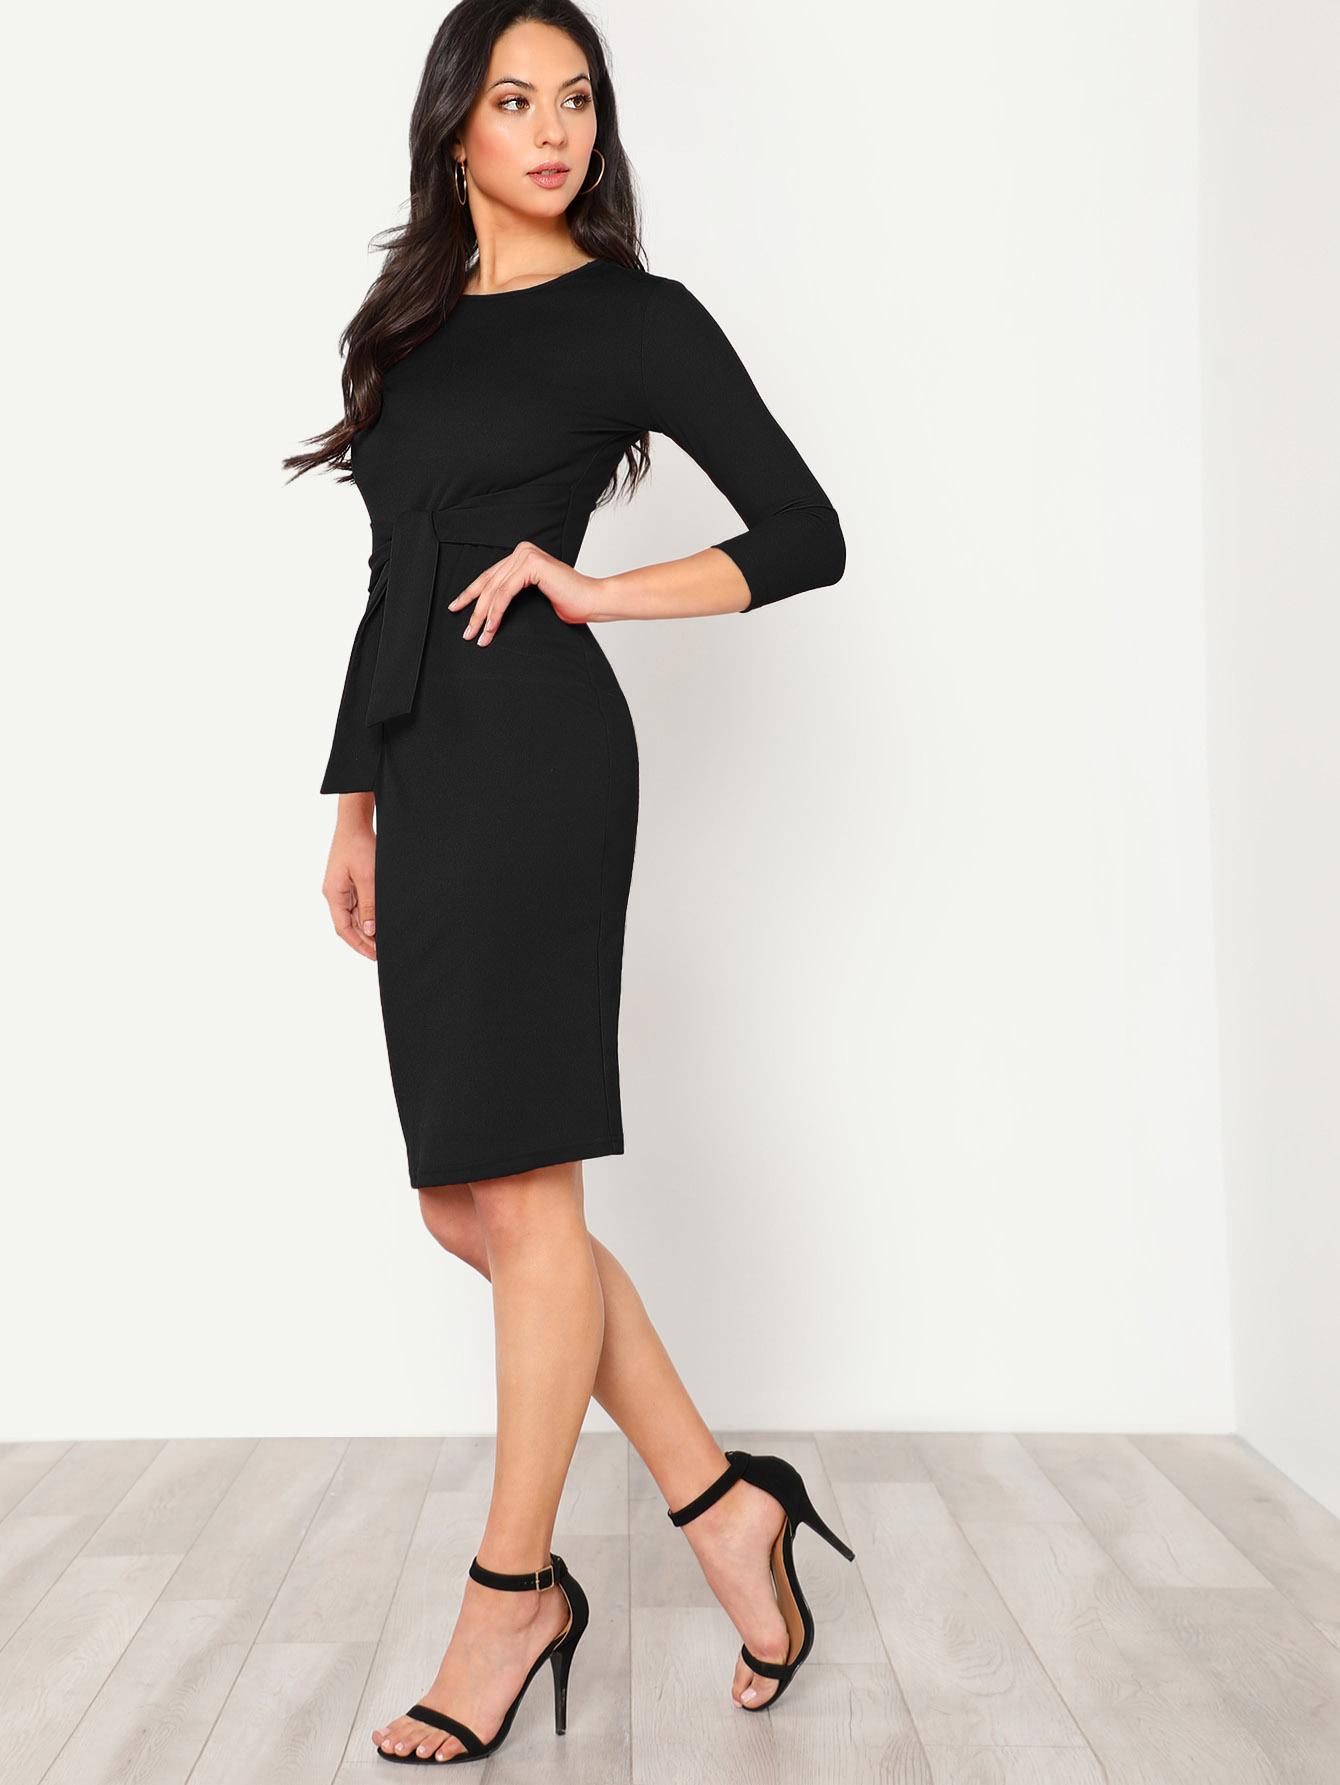 Купить Шеи Замочной Скважины На Задней карандаш платье с бантом, Christen Harper, SheIn